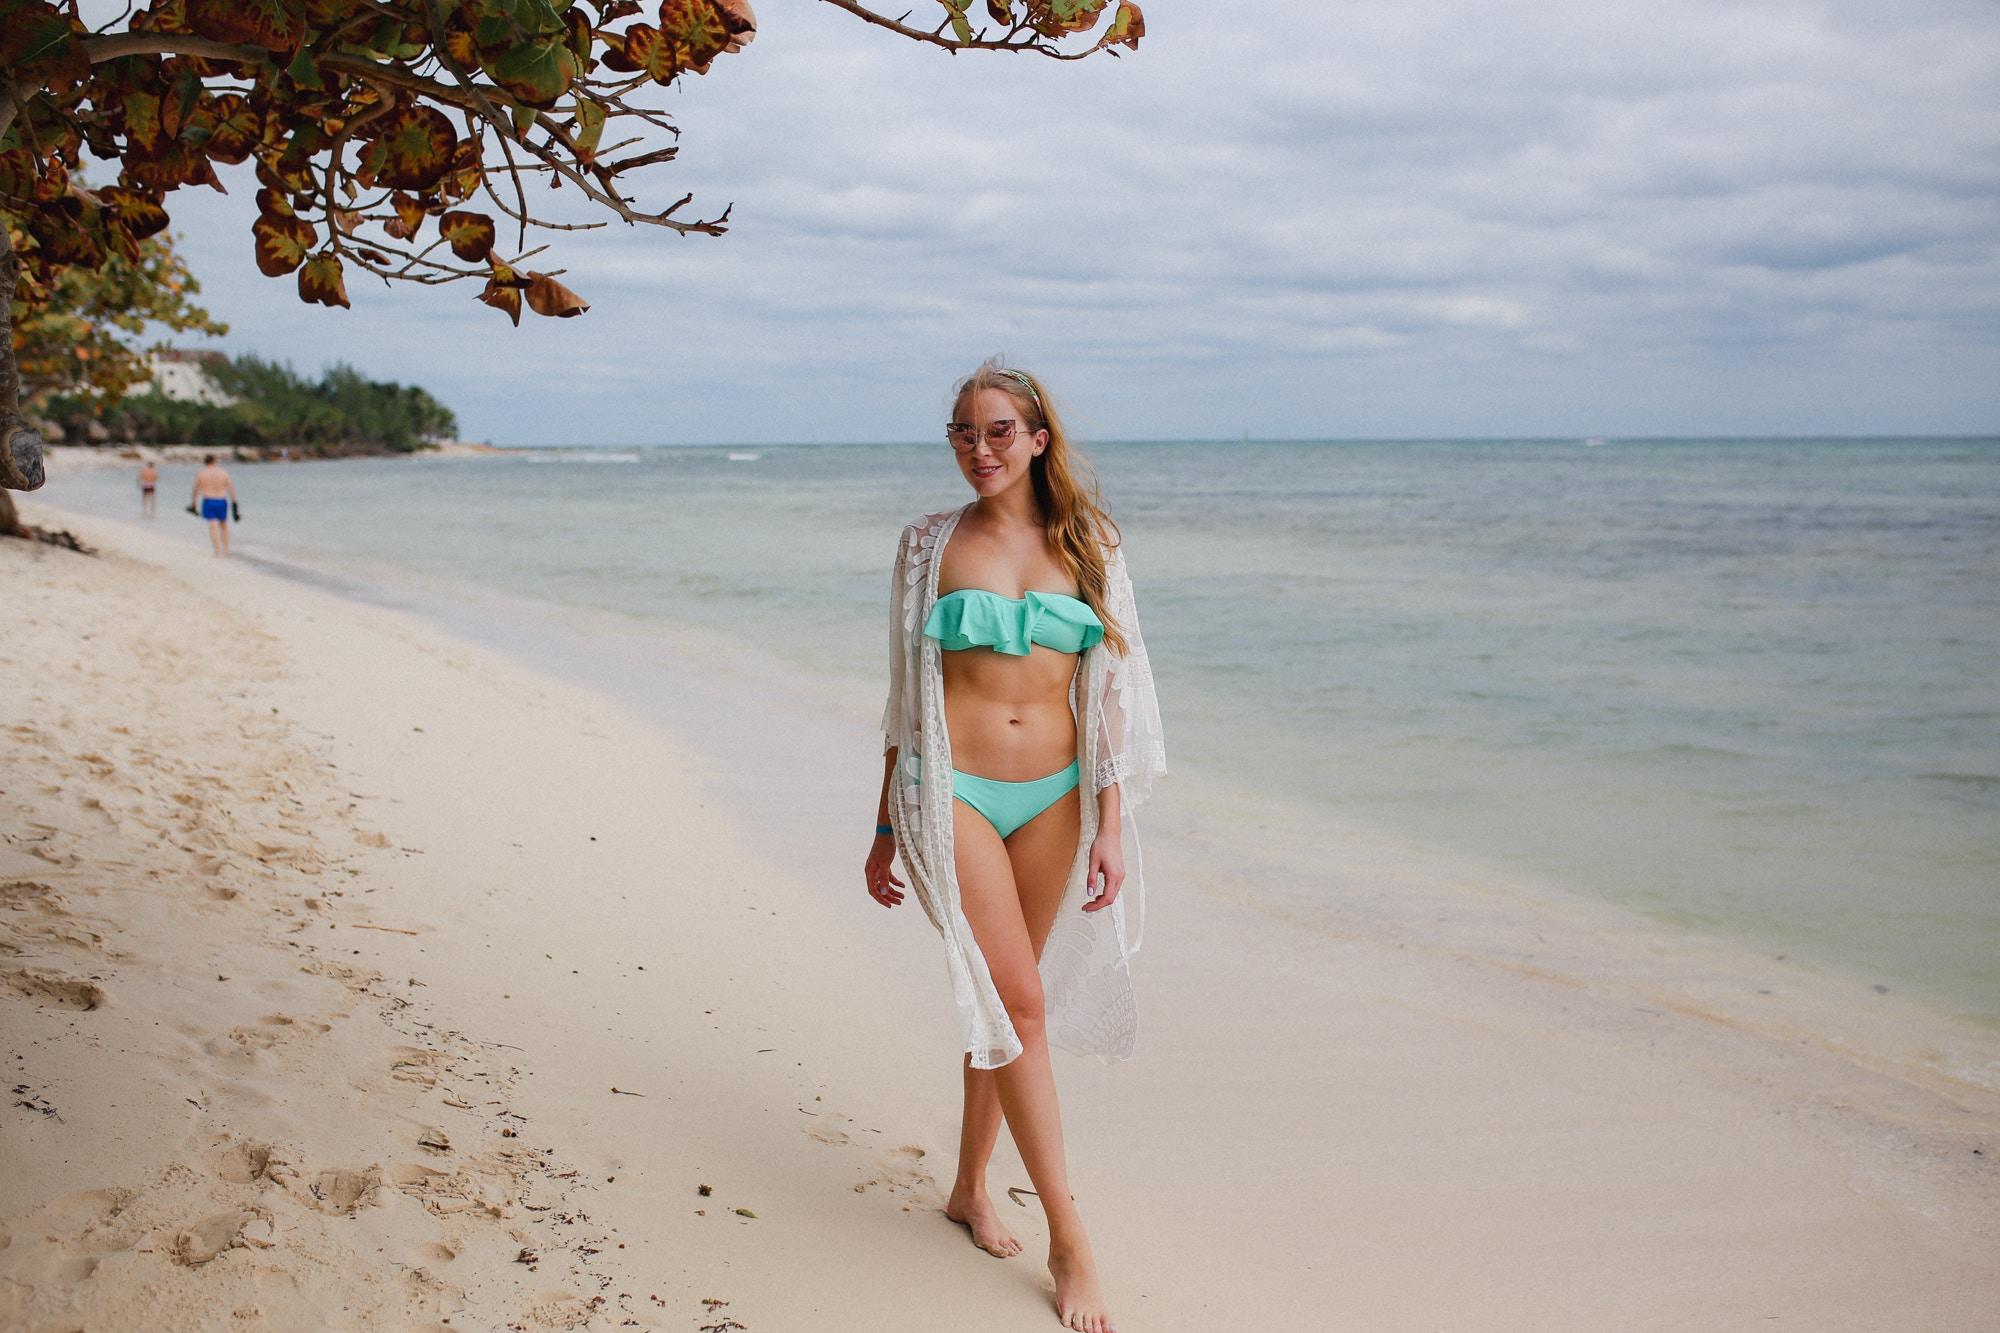 Aqua Victoria's Secret bathing suit and white lace Amazon coverup.